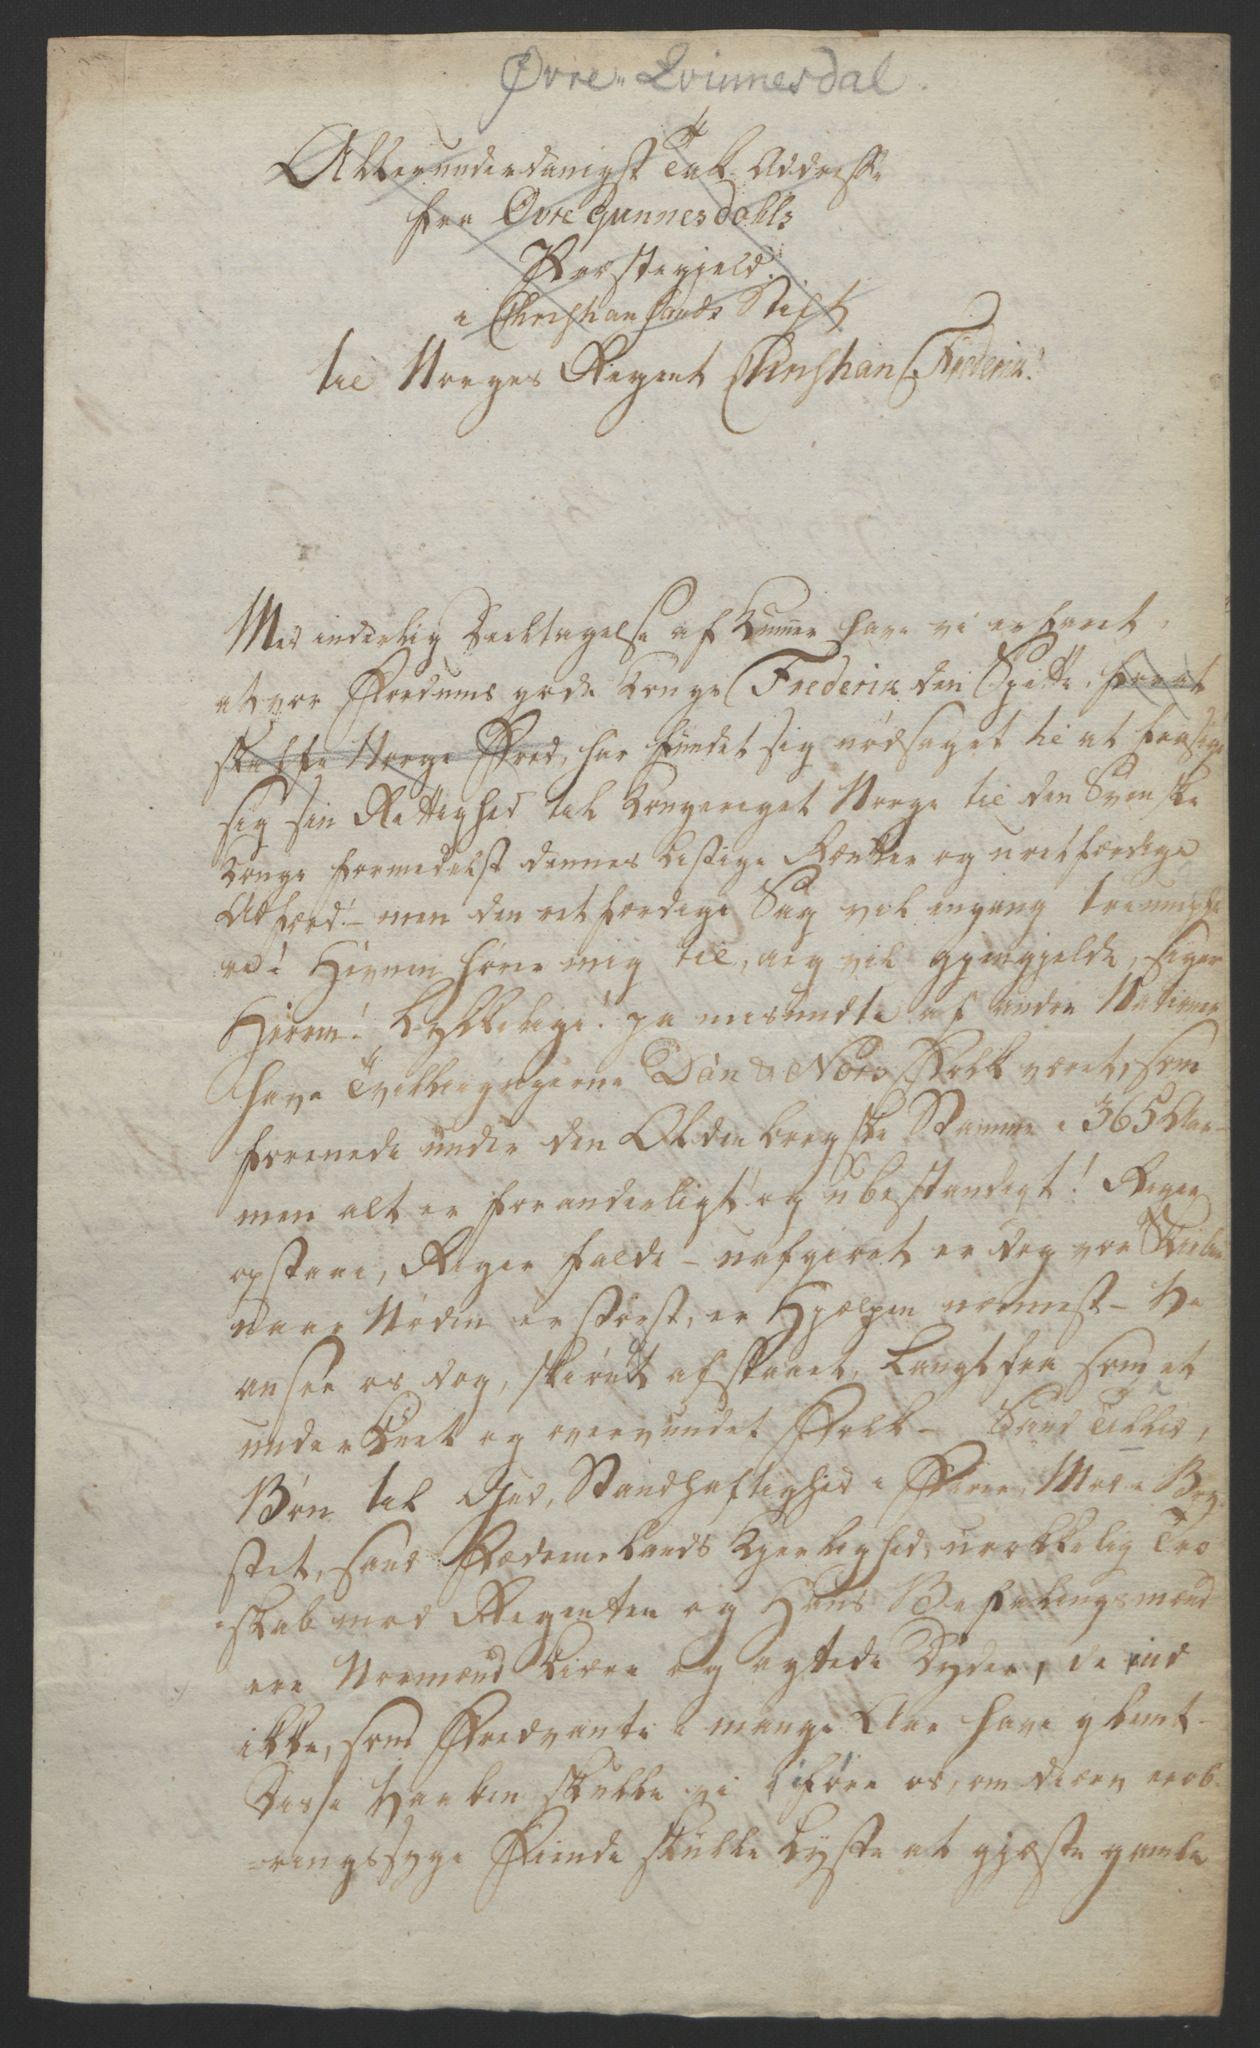 RA, Statsrådssekretariatet, D/Db/L0008: Fullmakter for Eidsvollsrepresentantene i 1814. , 1814, s. 180